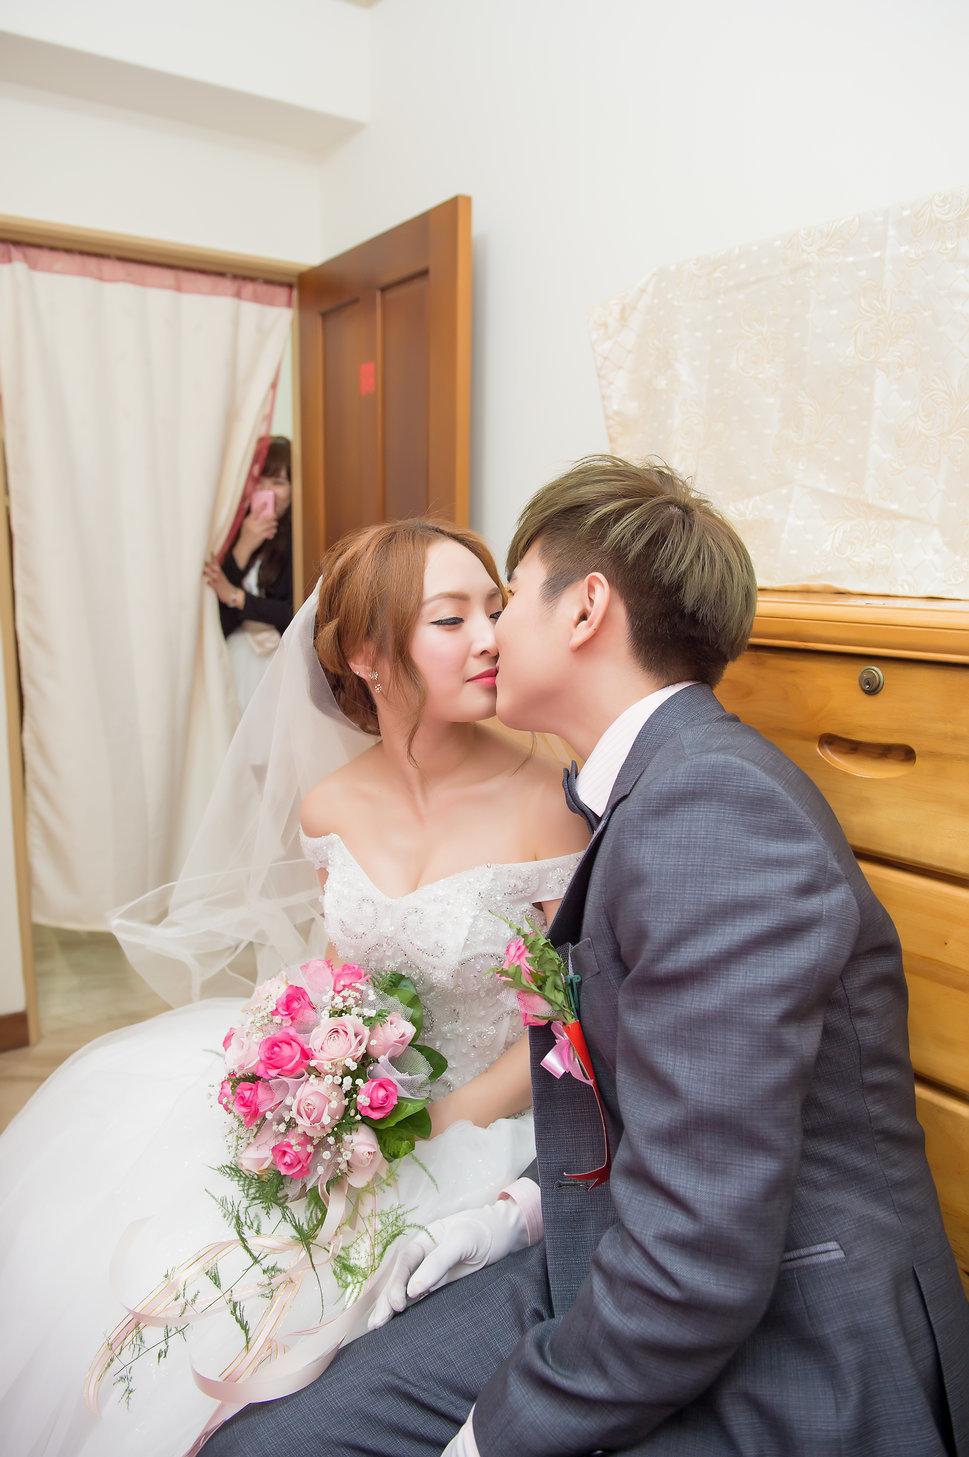 [台北婚攝] 訂婚迎娶儀式@樹林雙岩龍鳳城(編號:432277) - LoveStoryAllen IMAGE - 結婚吧一站式婚禮服務平台